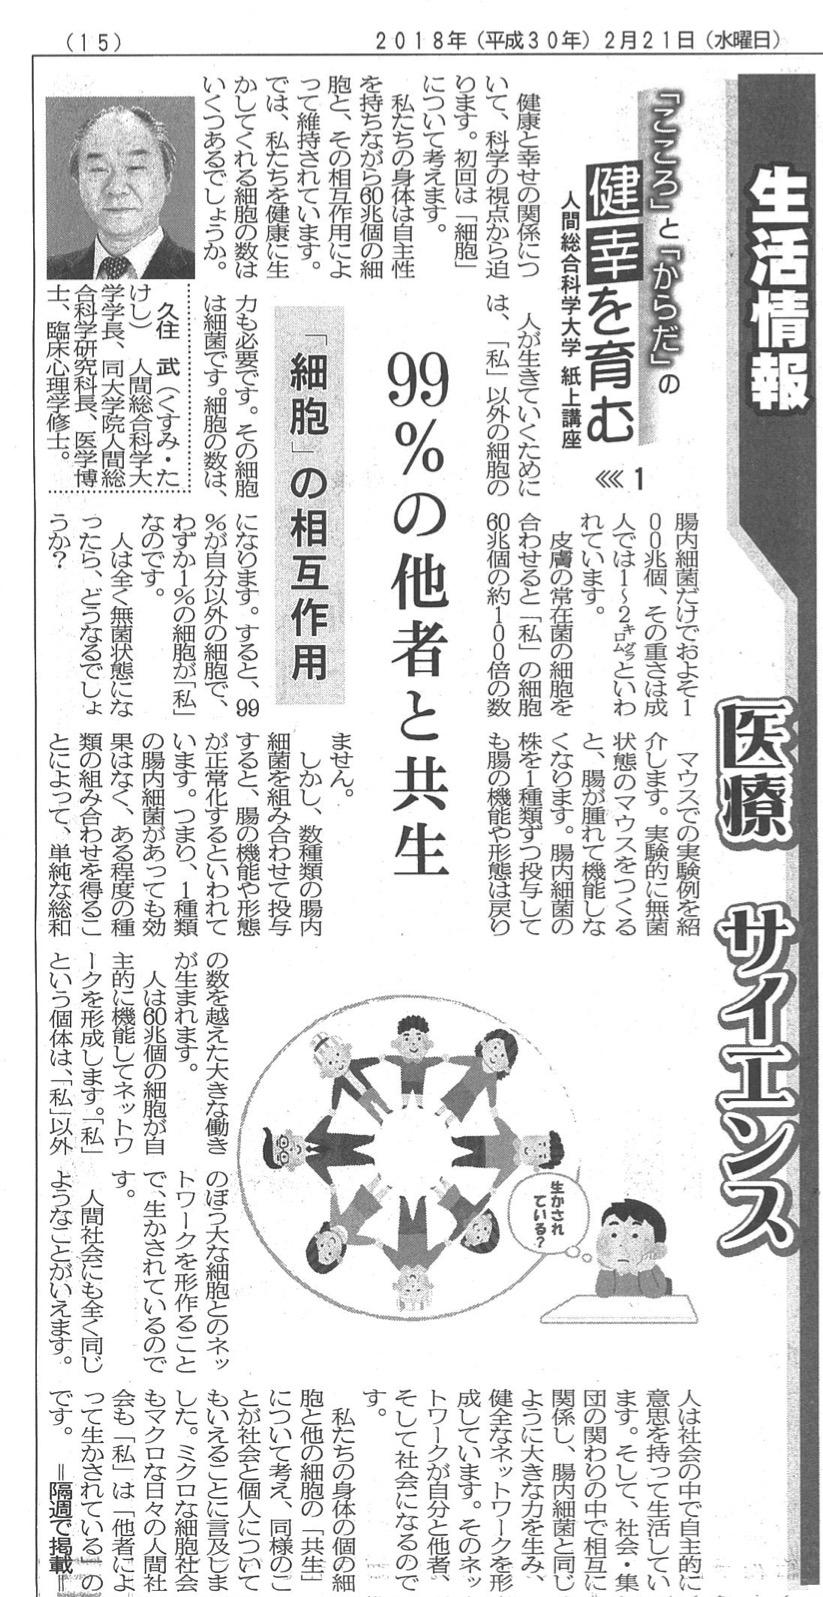 埼玉新聞連載記事「こころ」と「からだ」の健幸を育む